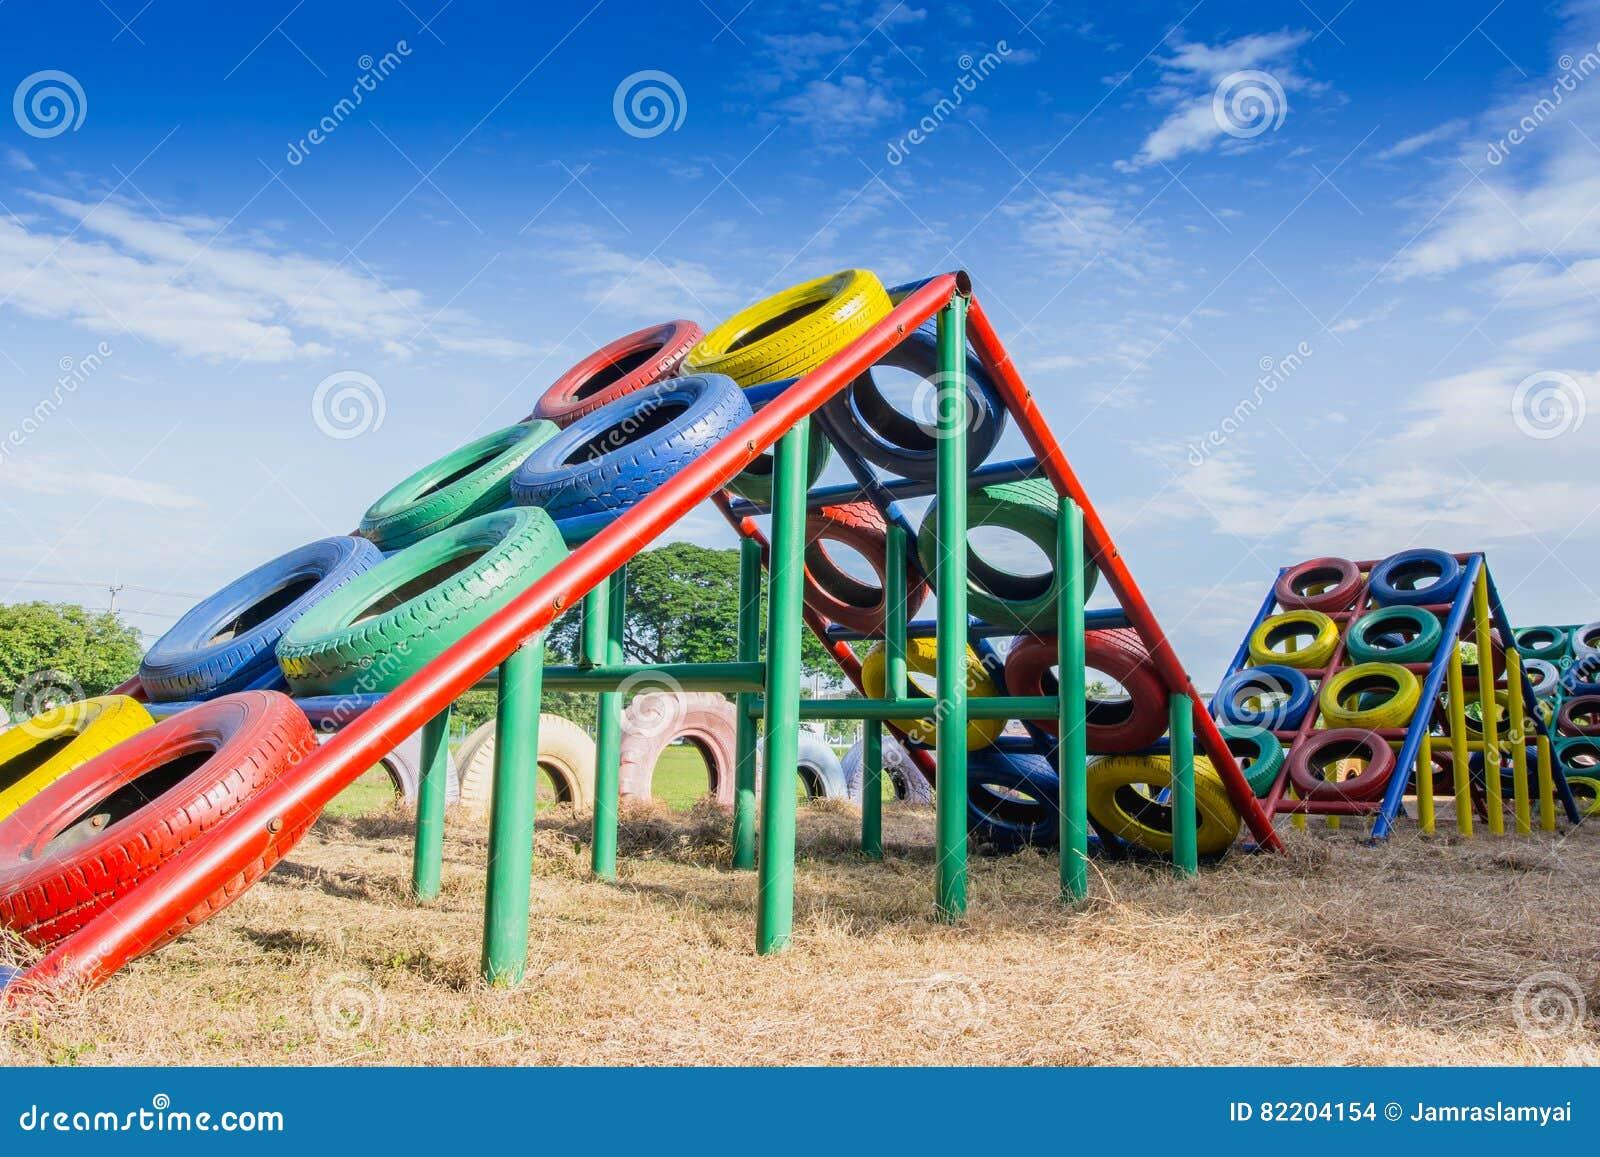 terrain de jeu construit avec de vieux pneus pour des jeux d 39 enfants photo stock image 82204154. Black Bedroom Furniture Sets. Home Design Ideas